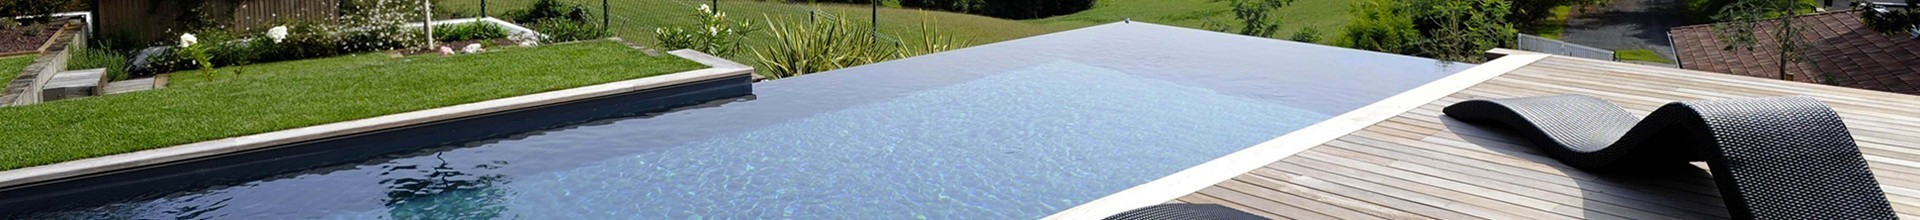 Vaucluse Région Sud Provence Alpes cote d'Azur assemblage piscine